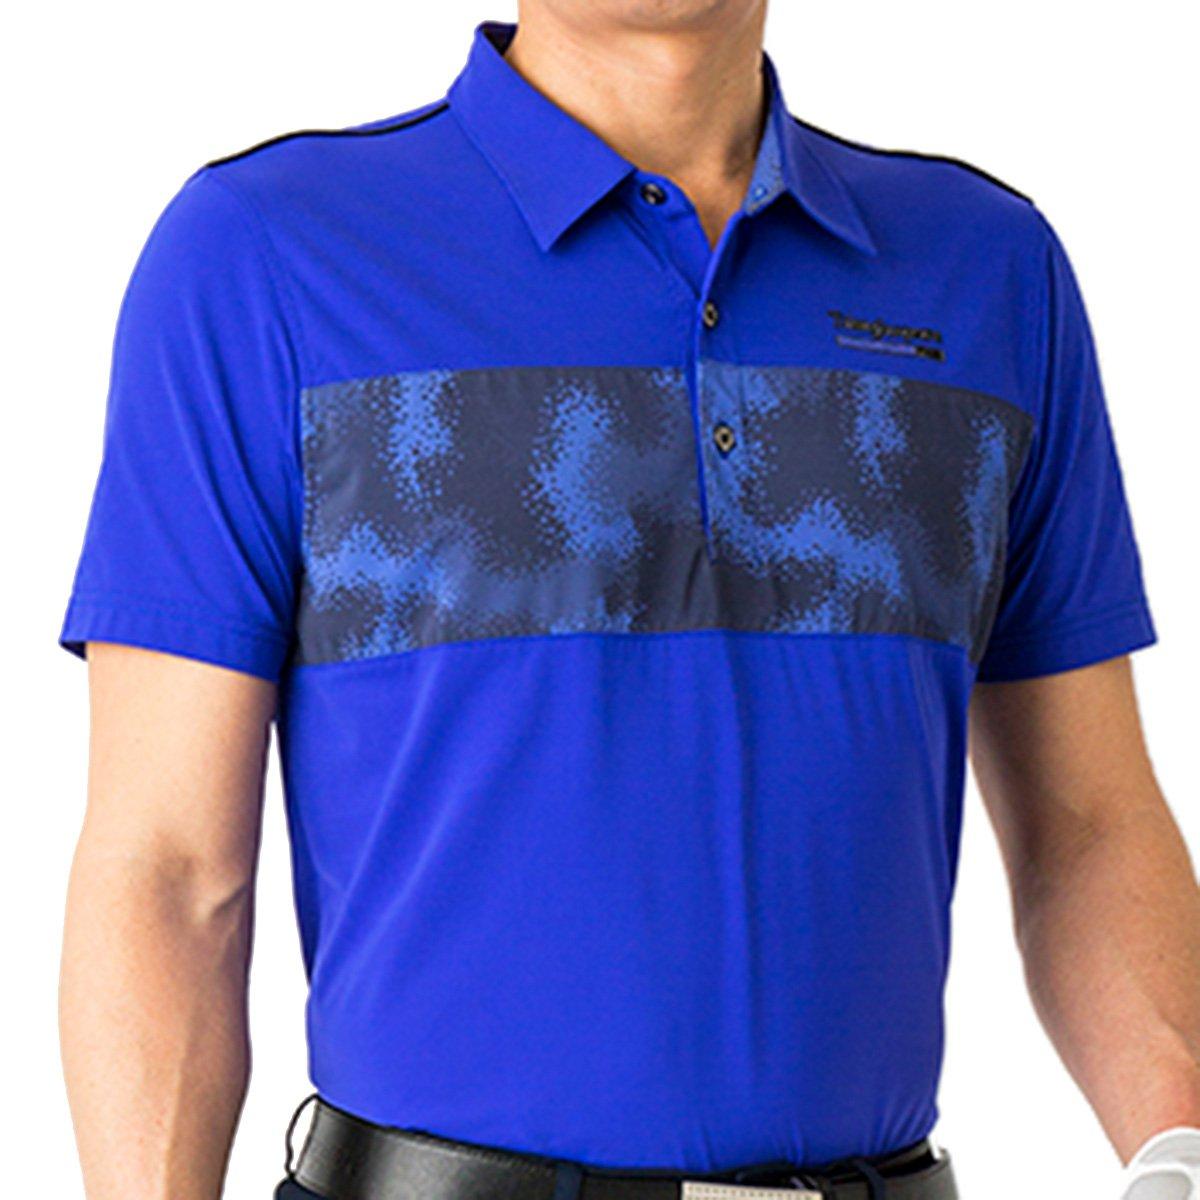 プロギア PRGR 半袖シャツポロシャツ 半袖ポロシャツ B07C86L155 xl|ブルー ブルー xl